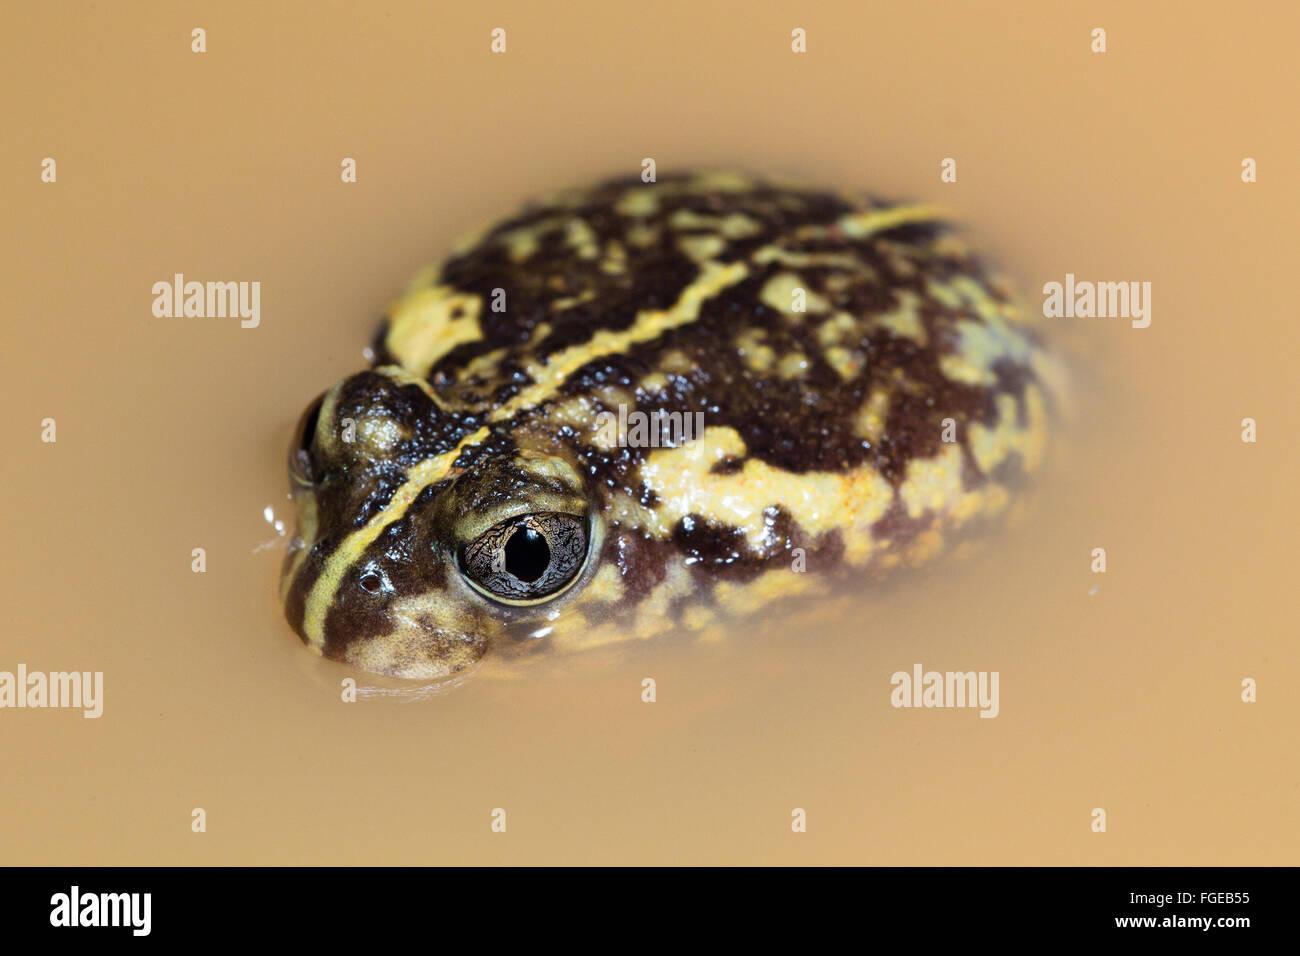 Sudell's Frog (Neobatrachus sudelli) in a puddle, Queensland, Australia Stock Photo